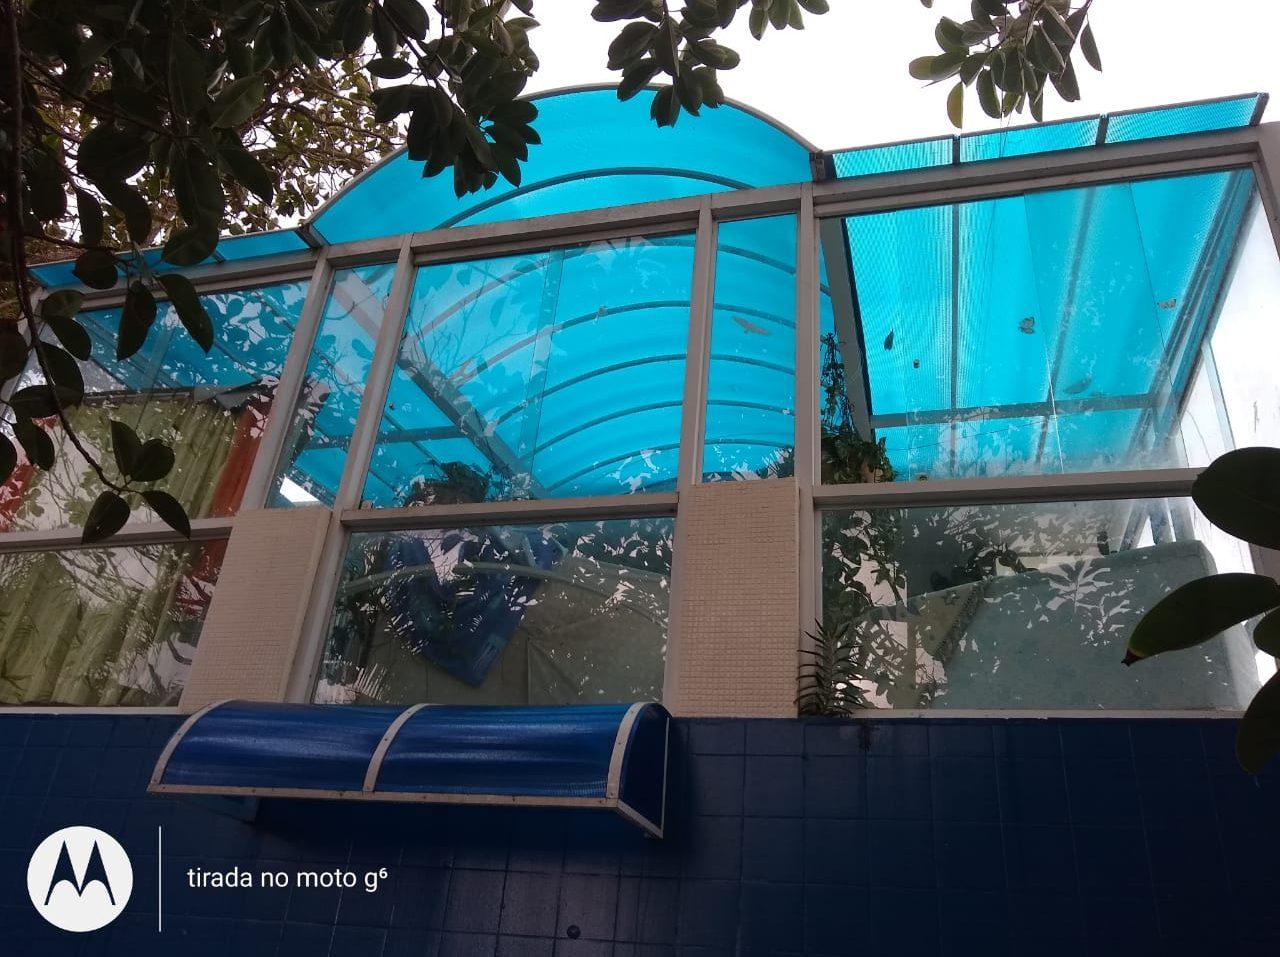 Multi Painel azul A Casa do Policarbonato